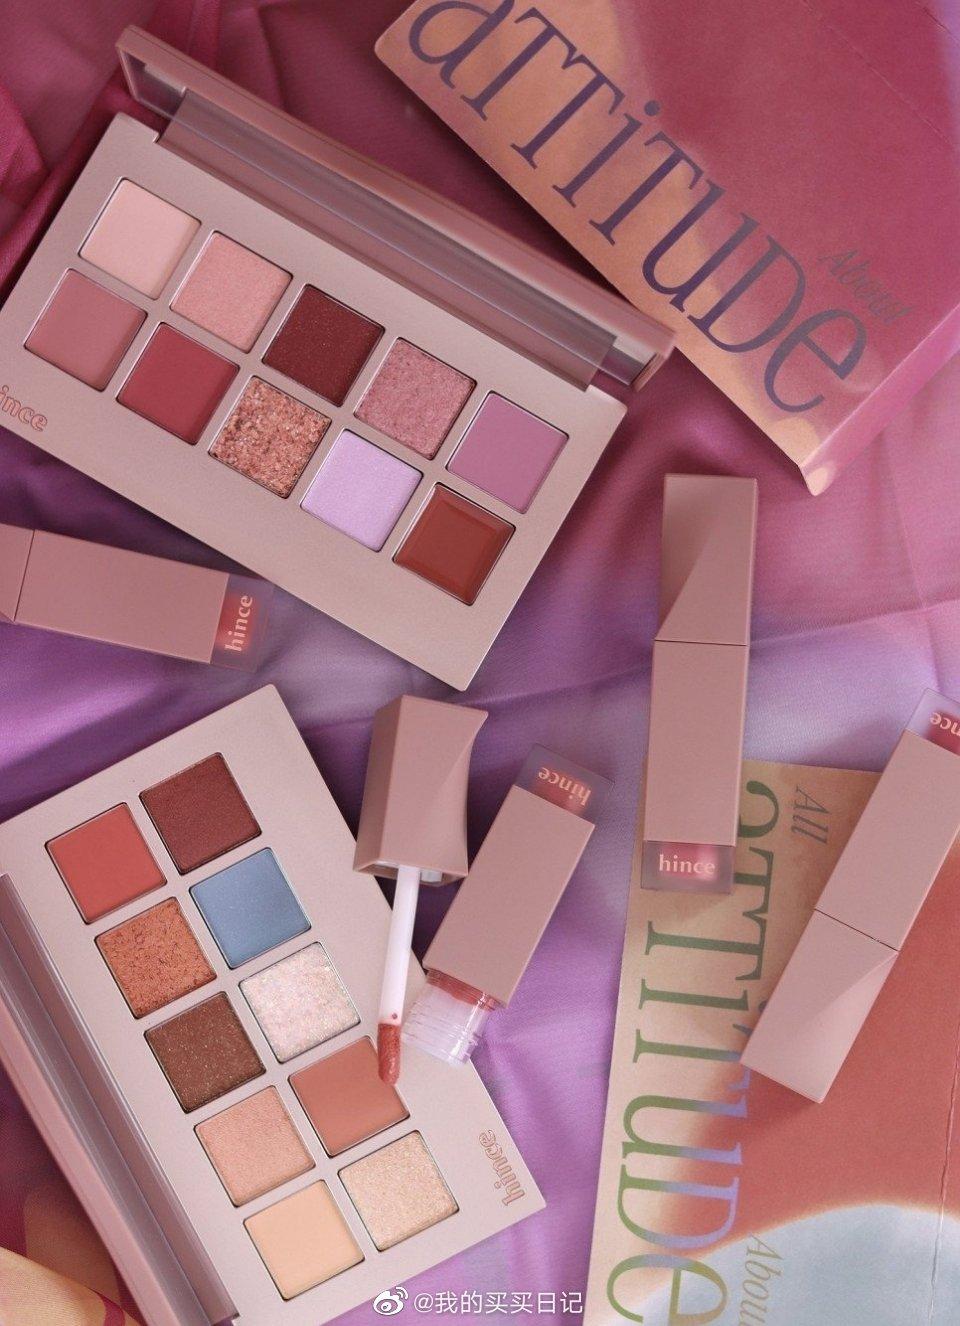 给大家安利我超爱的美妆品牌,hince新品的彩妆试色